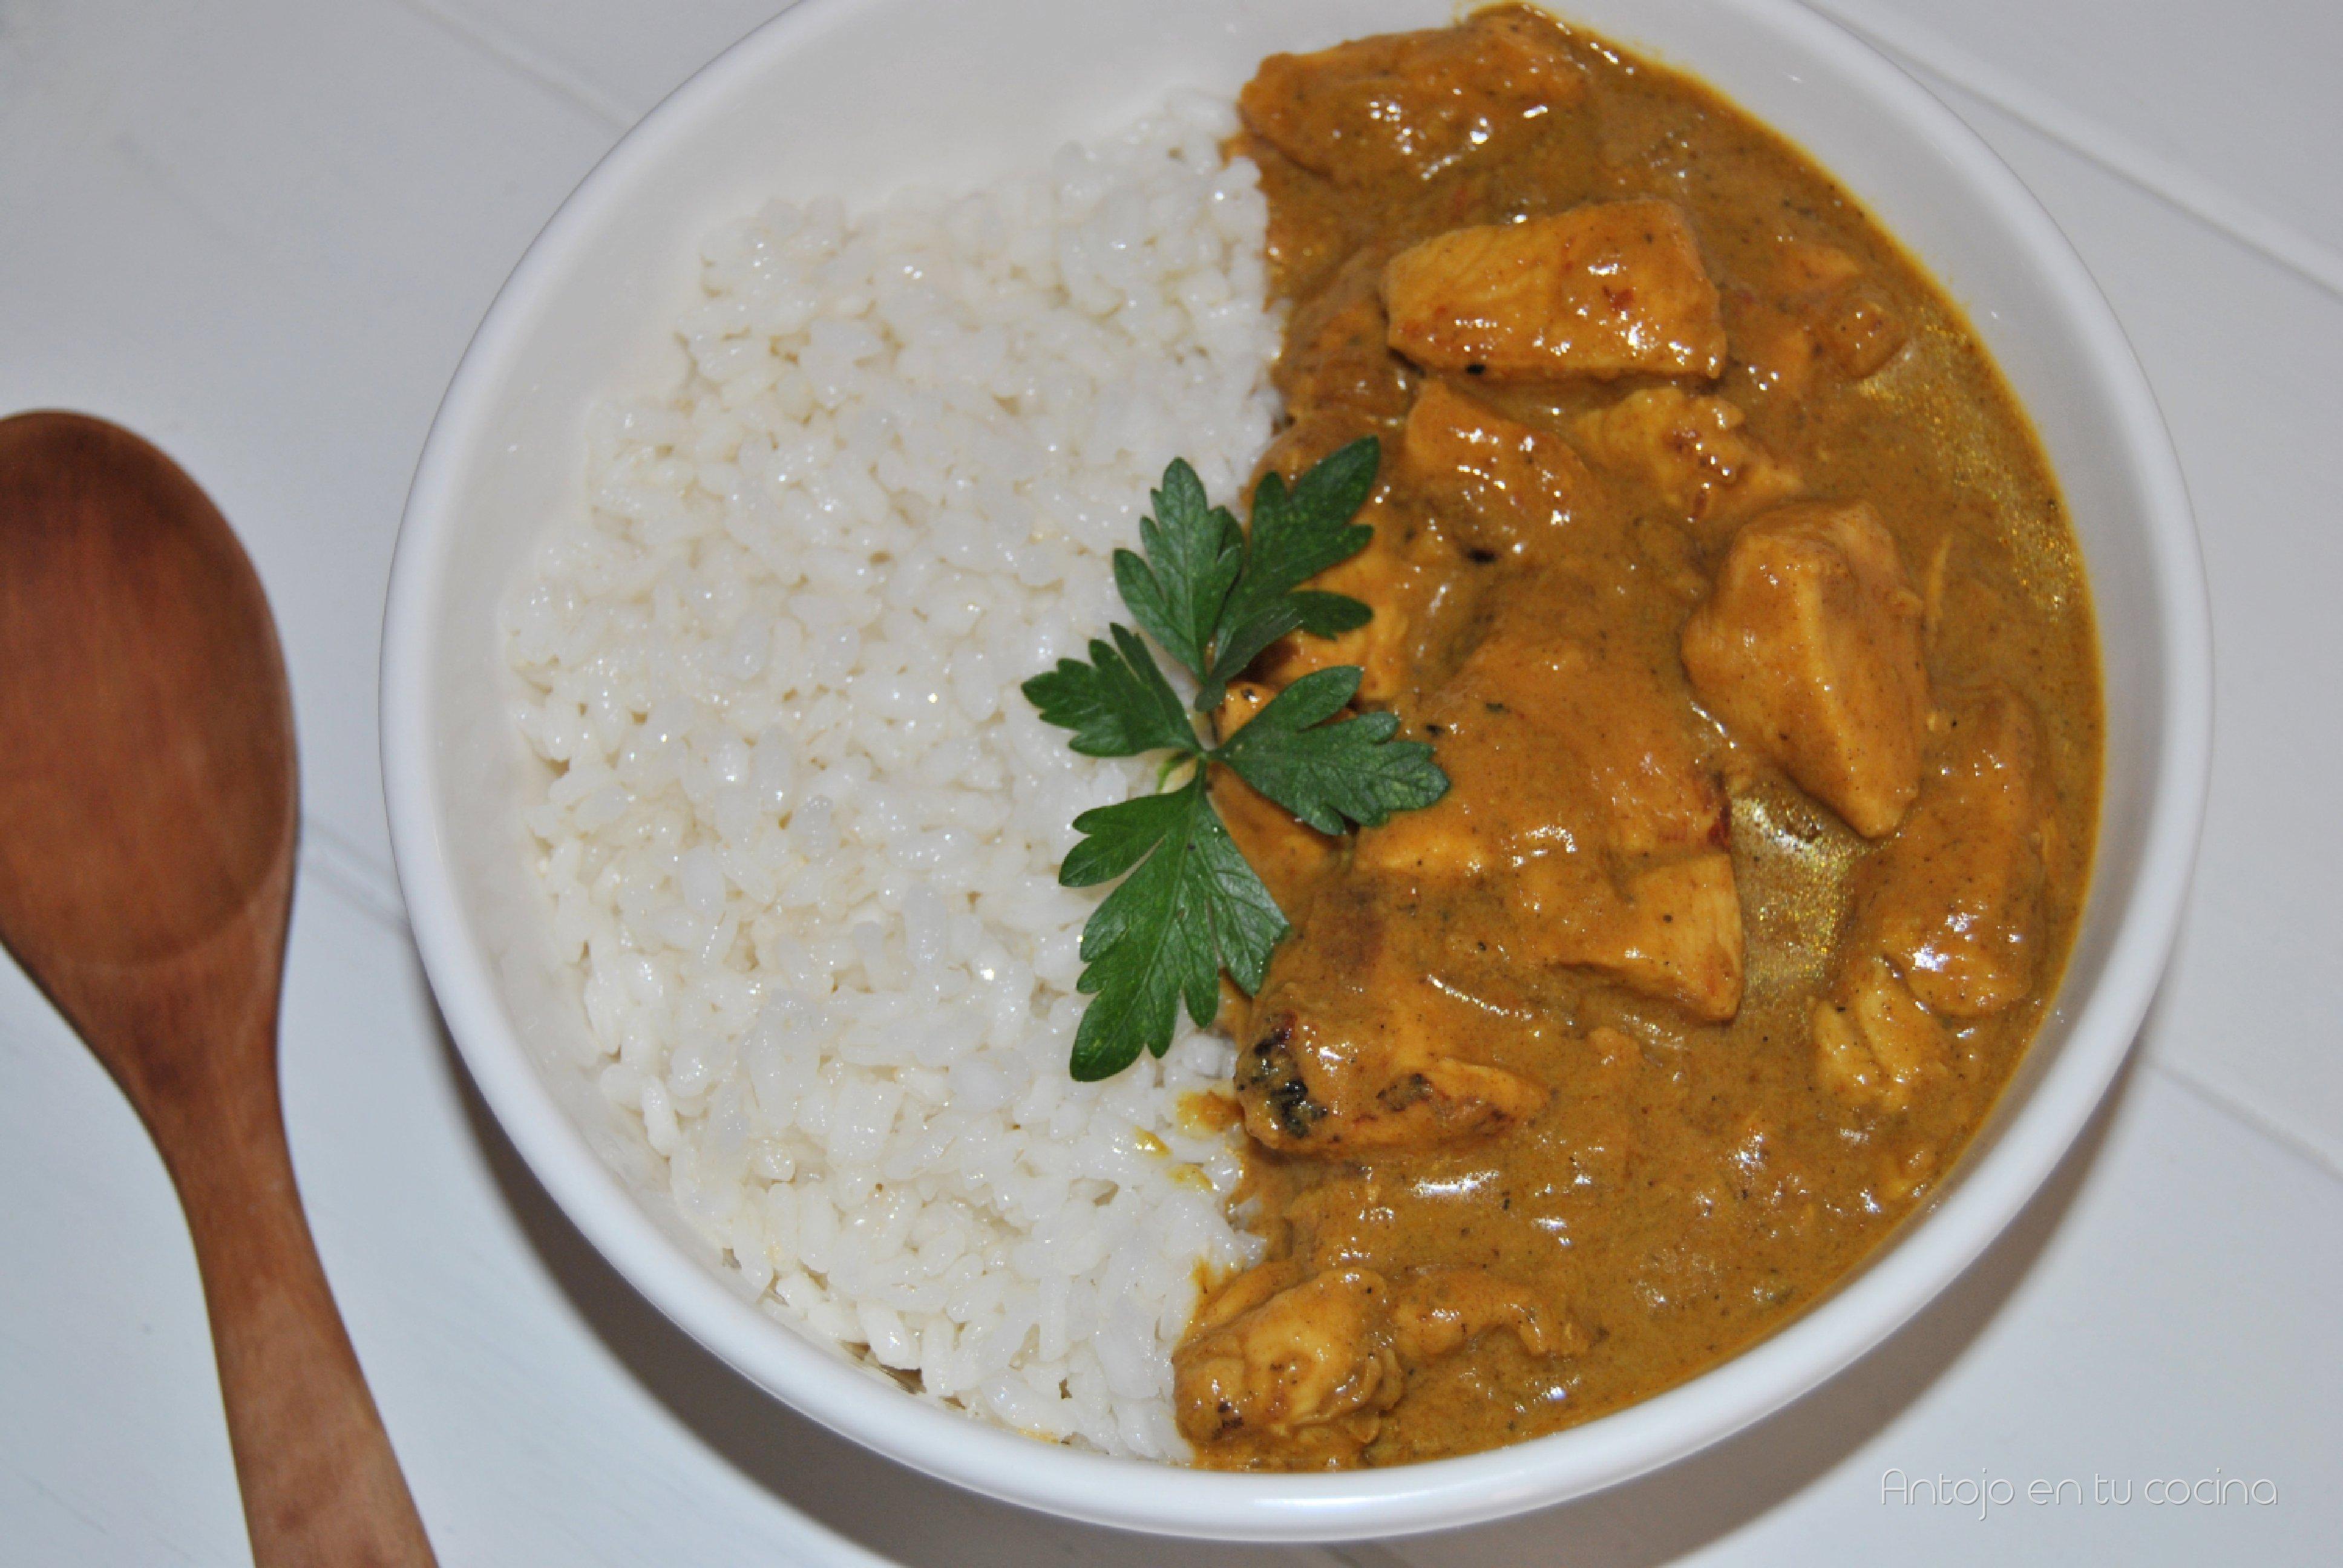 Pollo Con Arroz Al Curry Con Leche De Coco Antojo En Tu Cocina